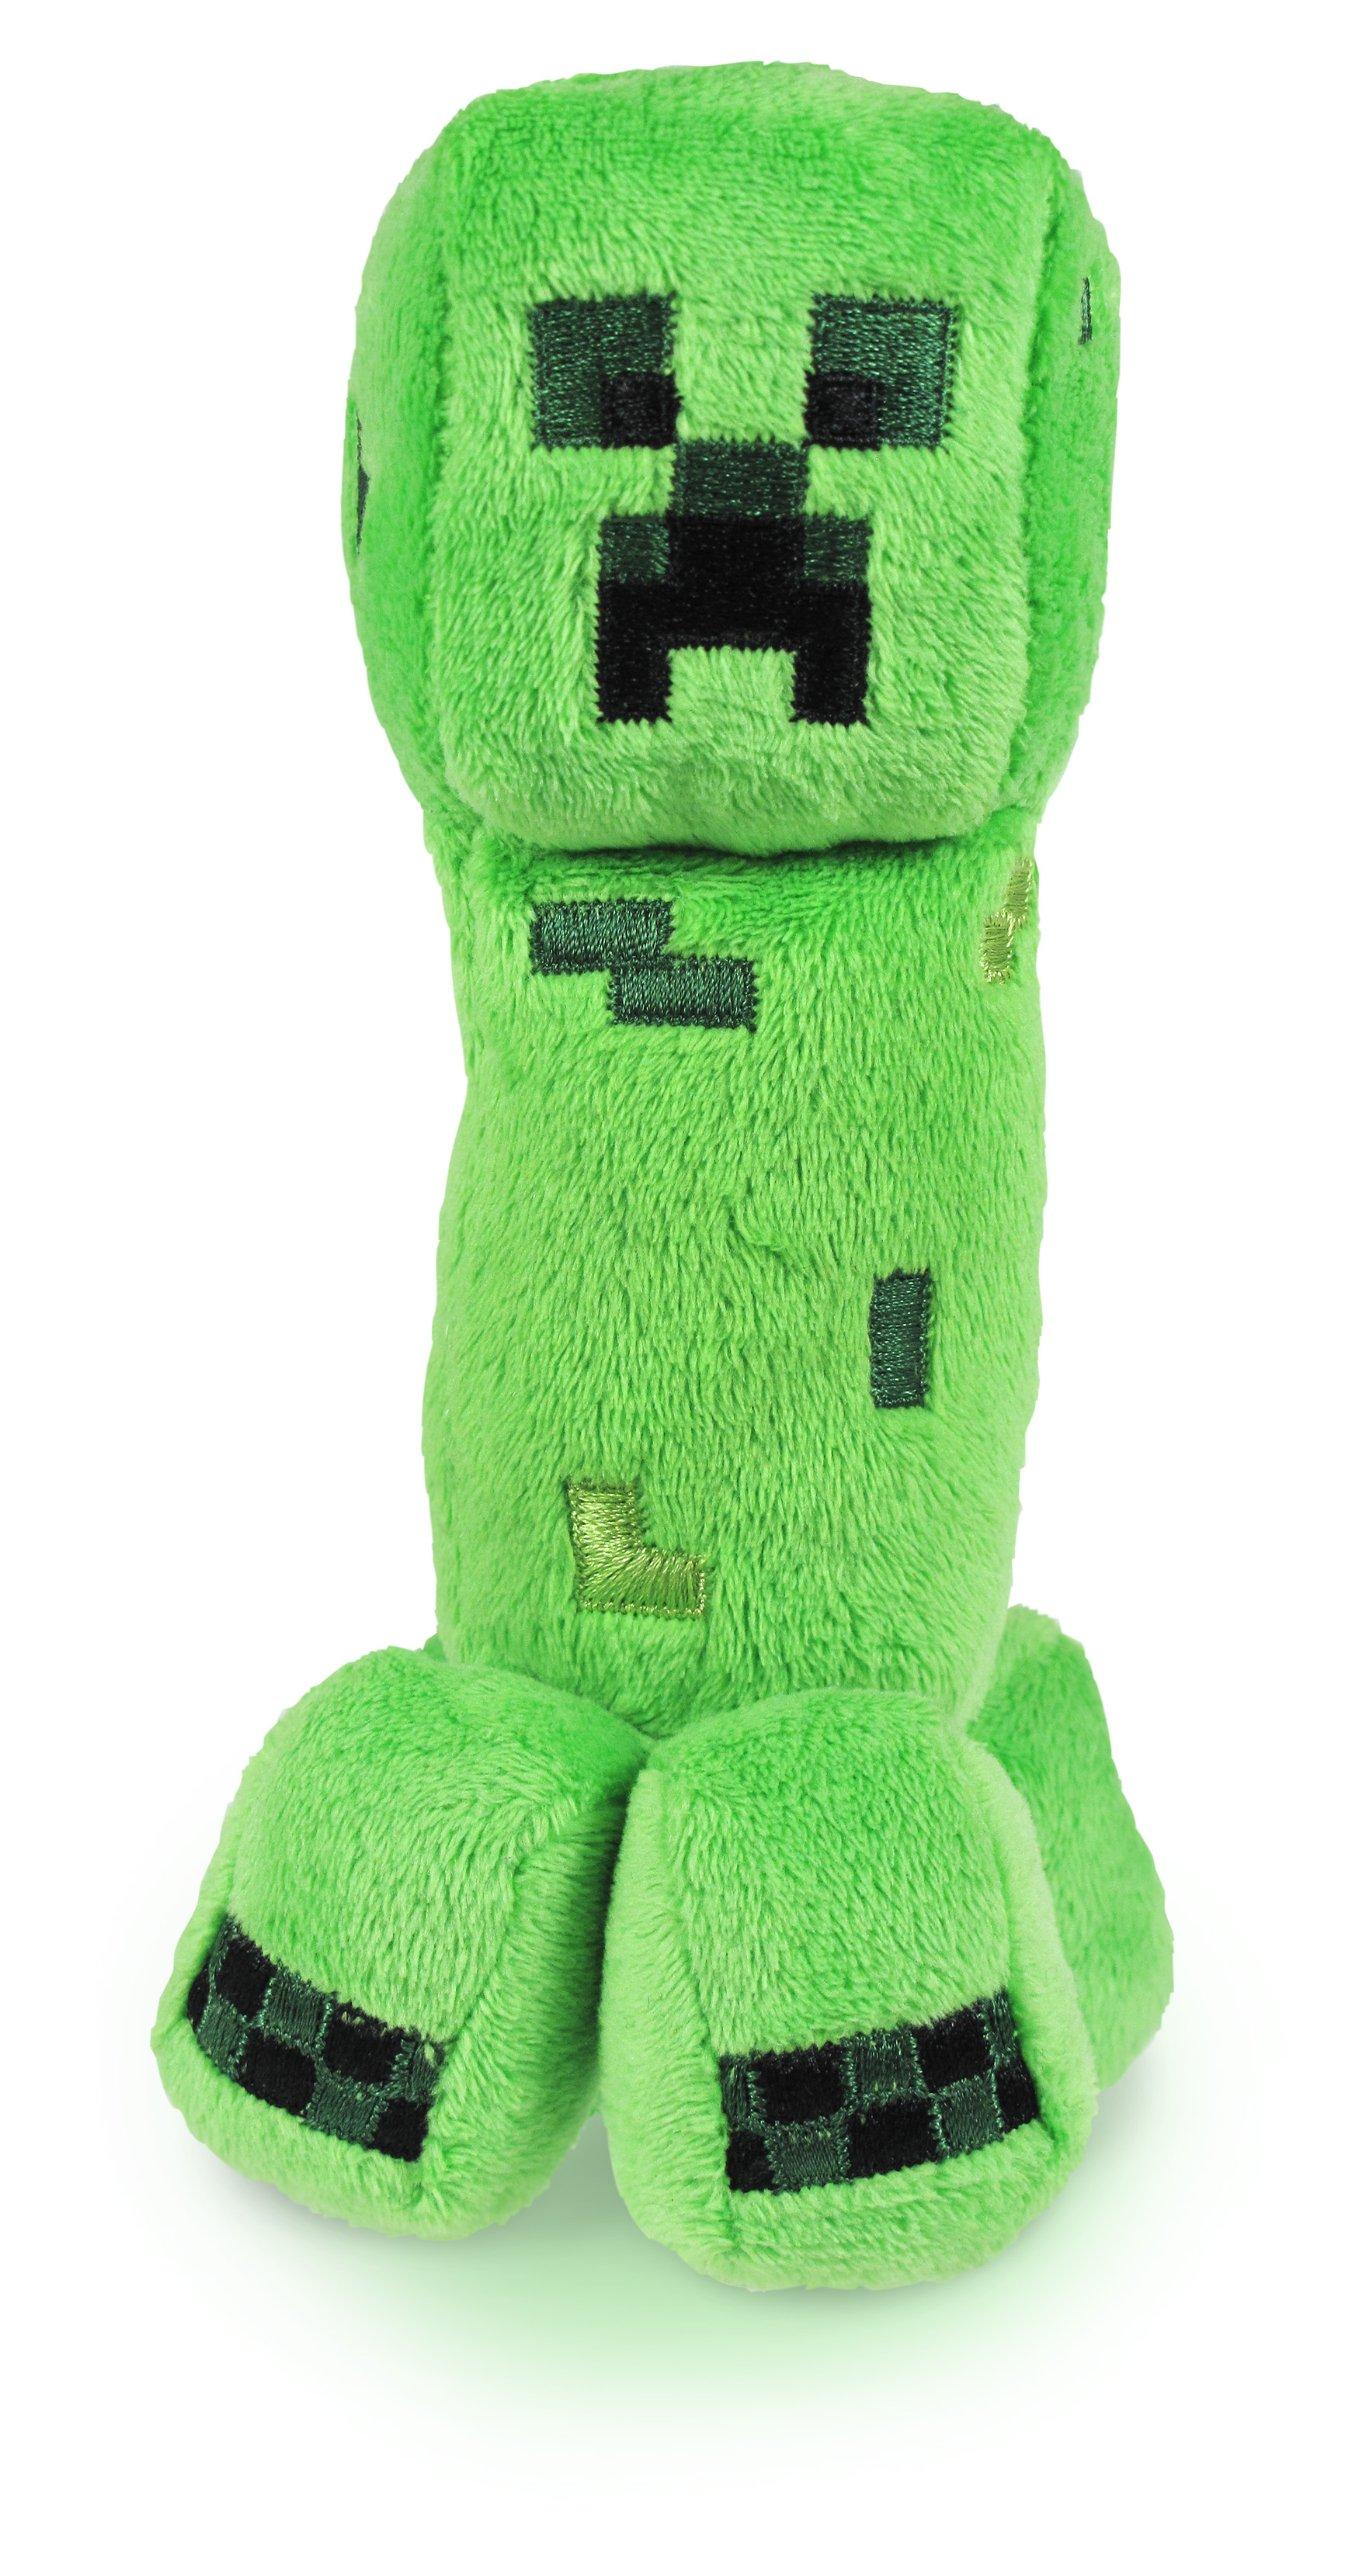 игрушки майнкрафт изображение #7